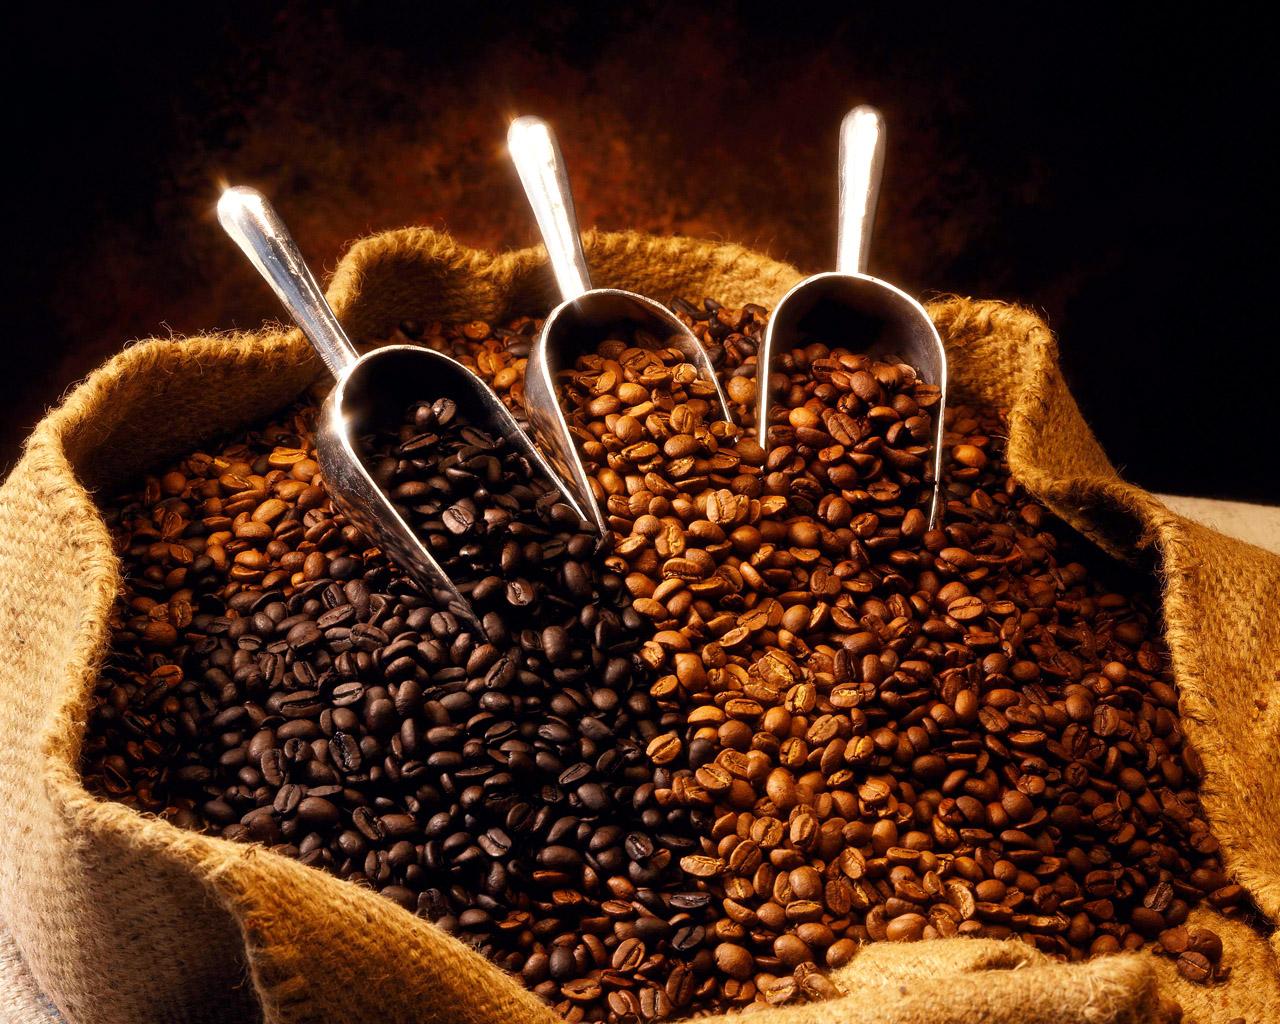 Кофе поможет избавиться от стресса